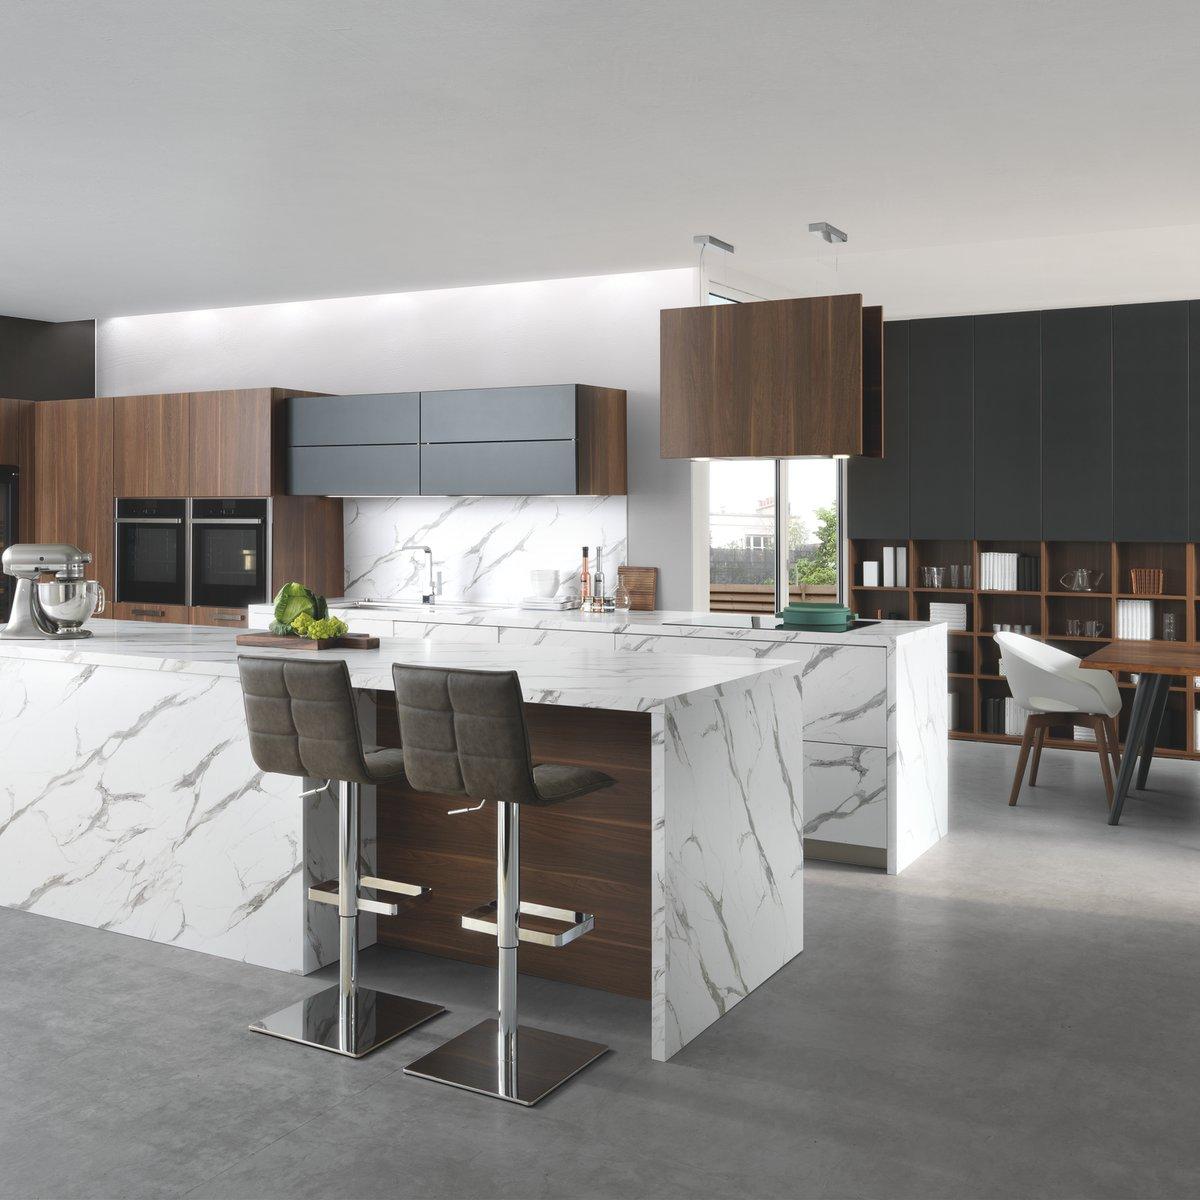 schmidt cocinas y muebles para el hogar murcia nueva